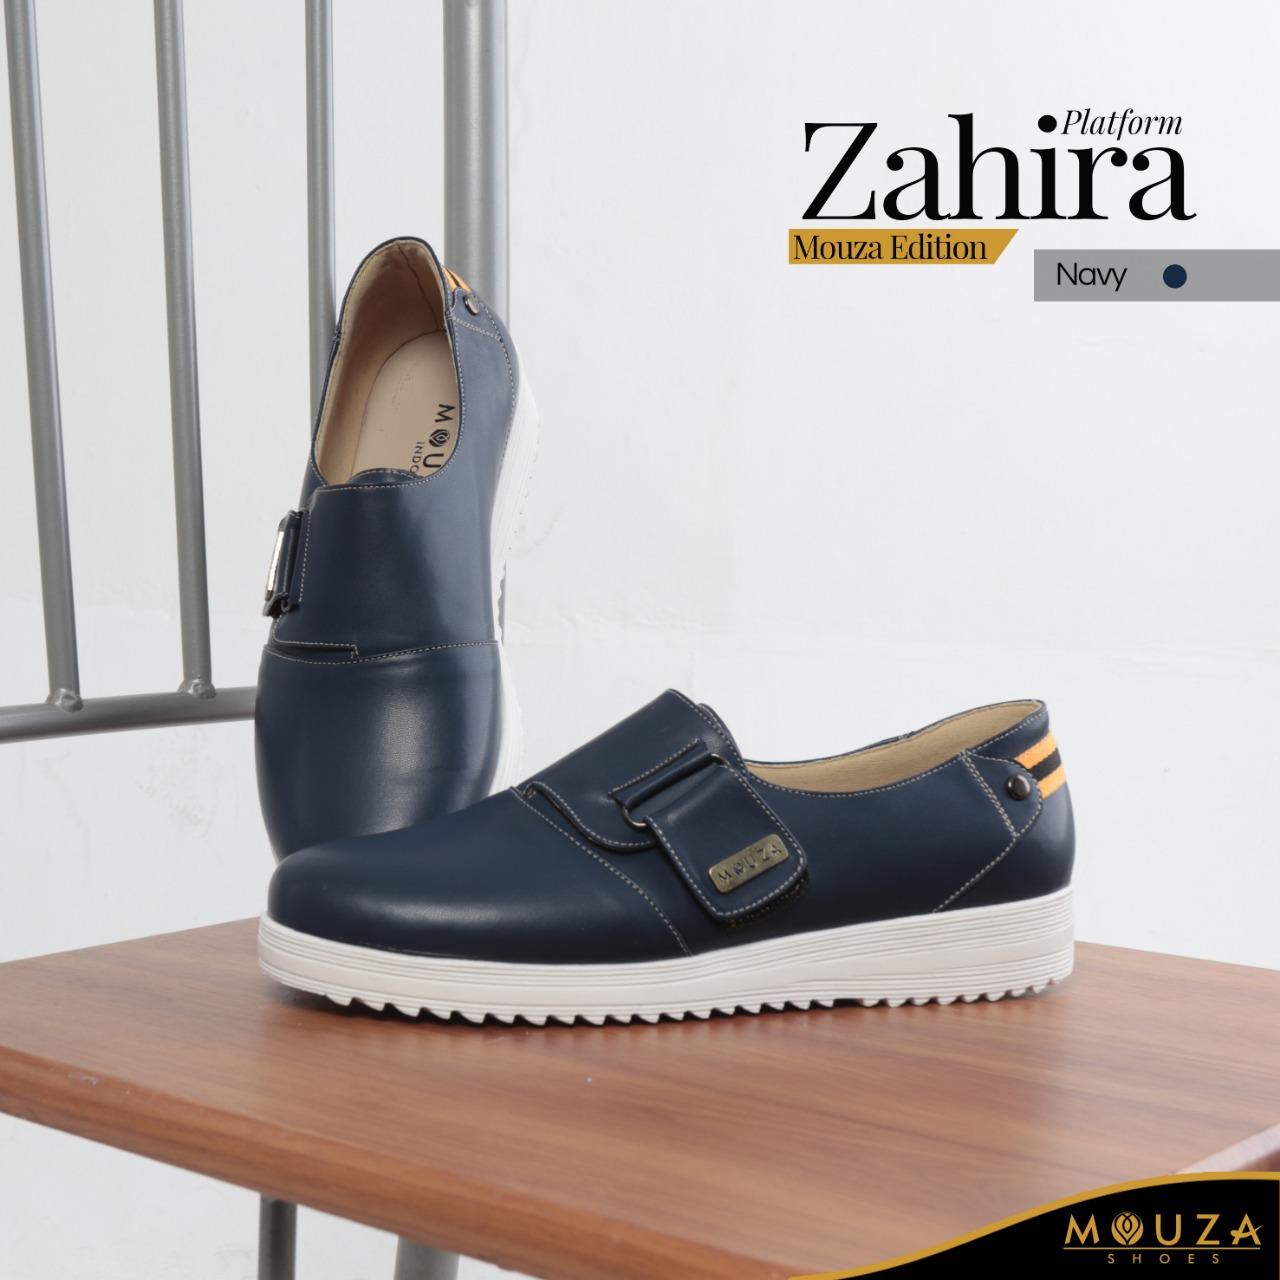 Platform Zahira By Mouza Shoes